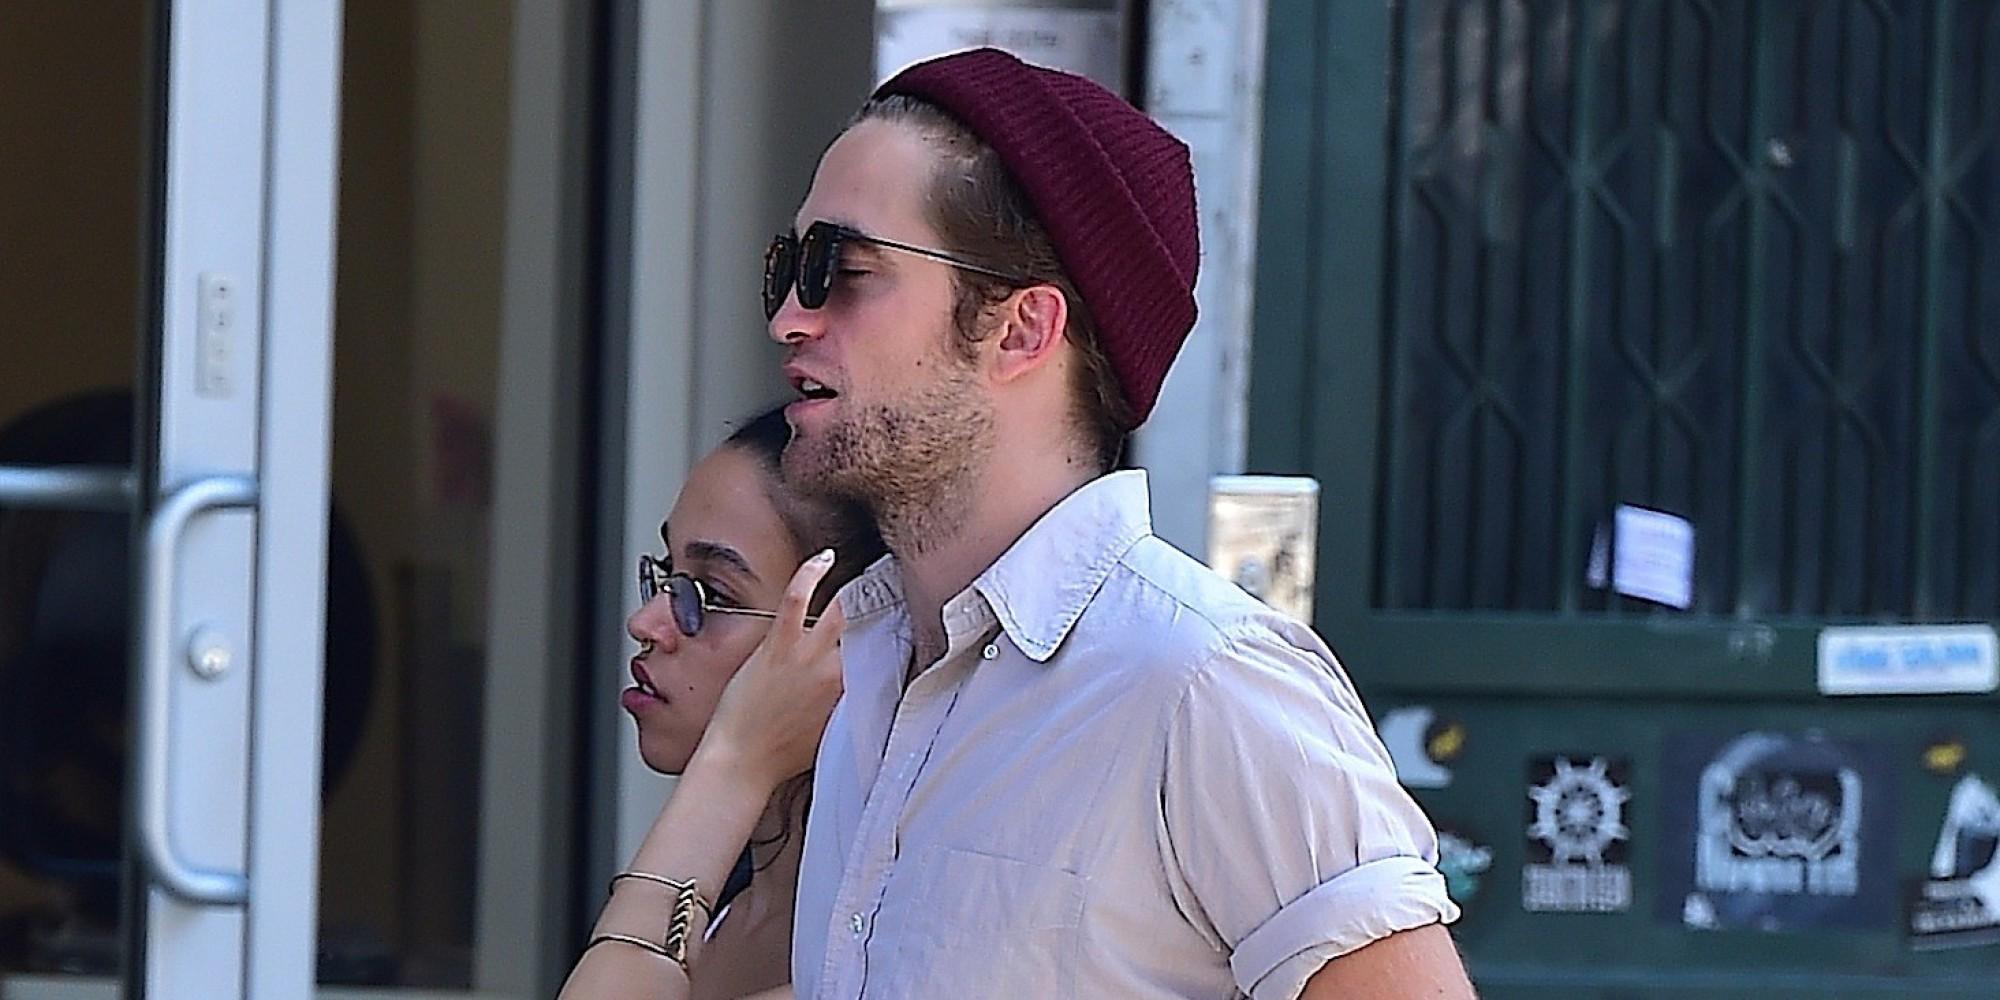 Robert Pattinson - Tahliah Debrett Barnett